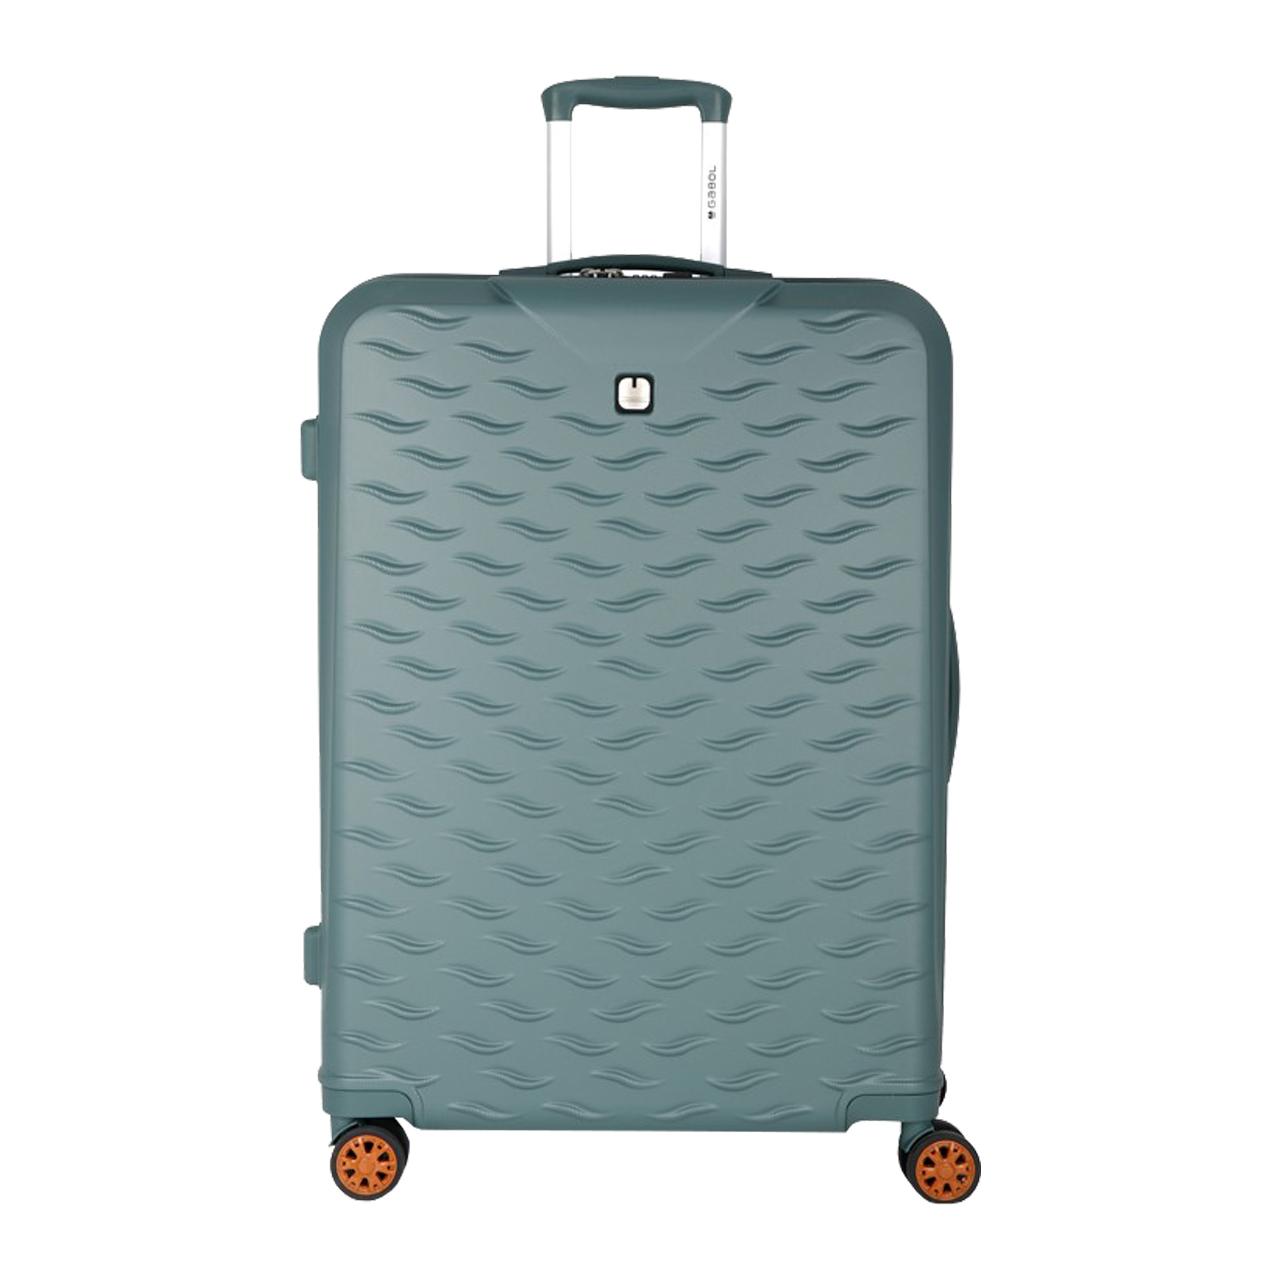 چمدان گابل مدل Piscis 119247 سایز بزرگ